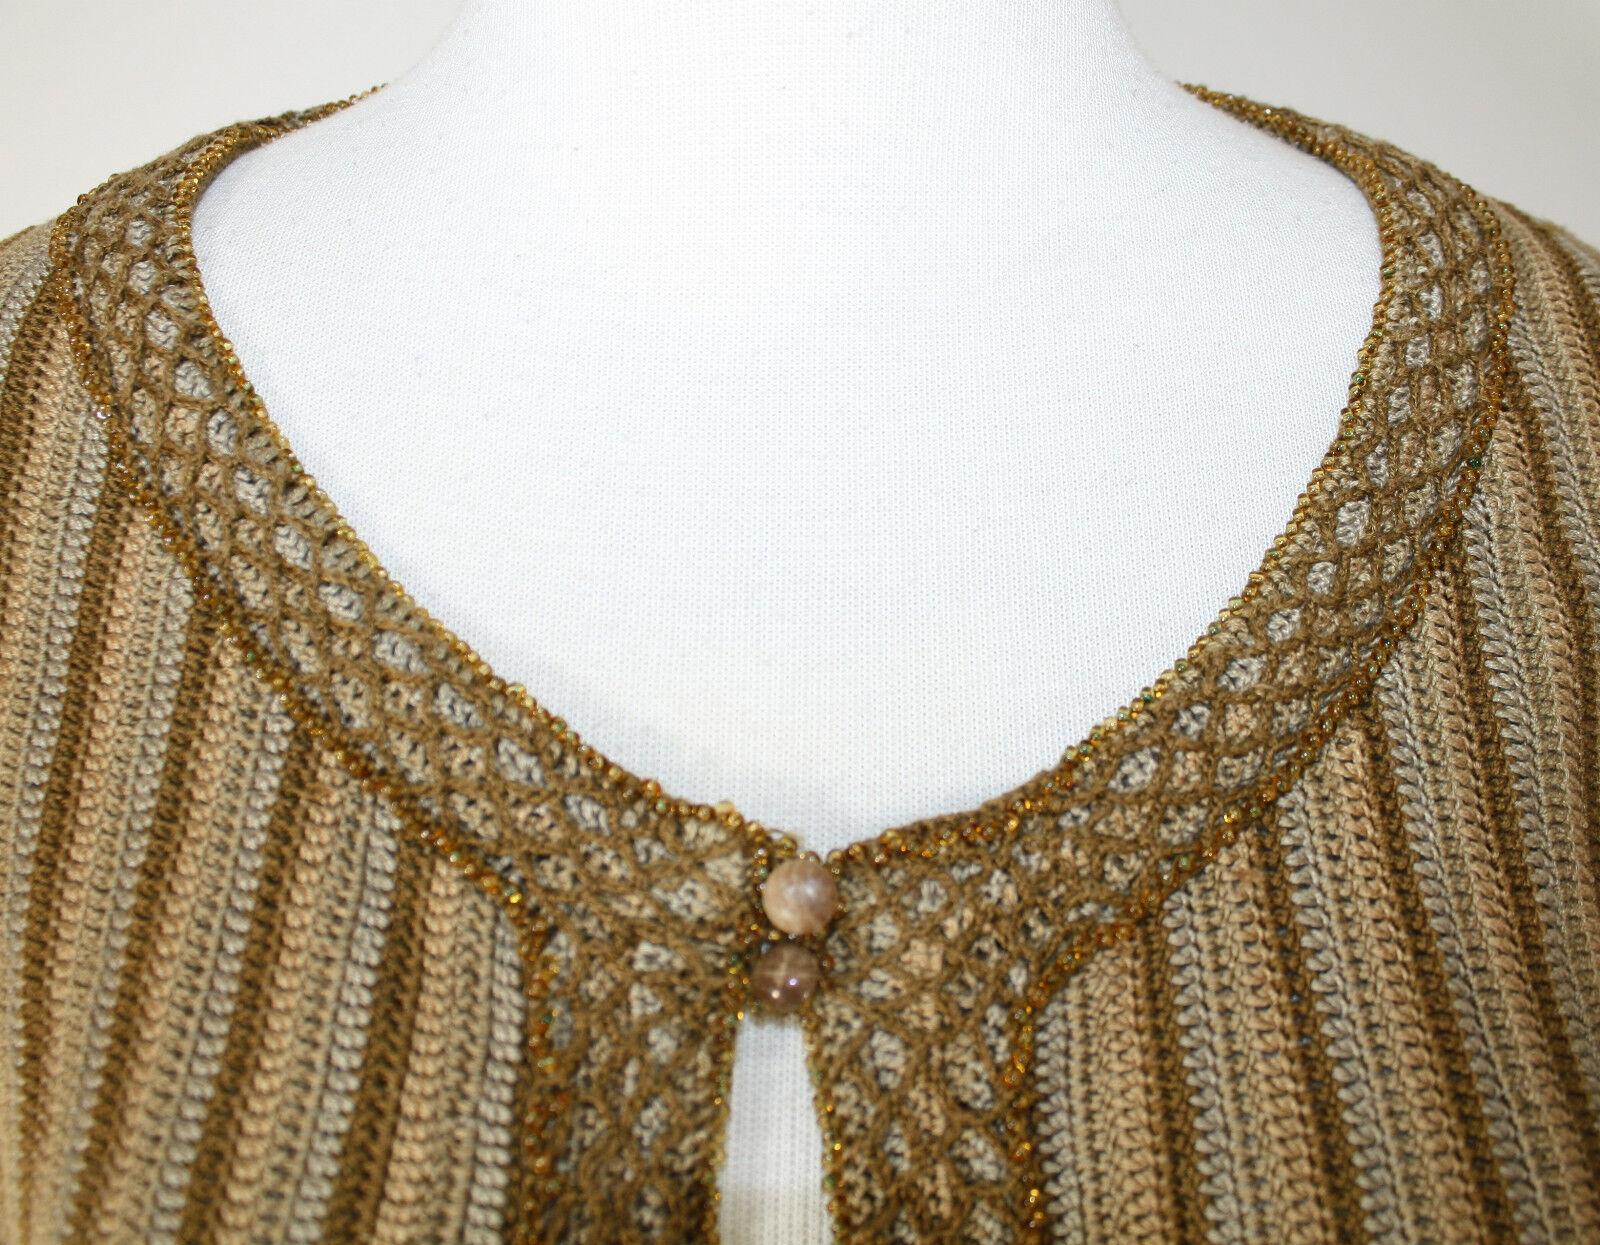 GIULIANNA TESTINO TESTINO TESTINO Earth Tones Tan Brown LS Beaded Woven Sweater S M 0288cf